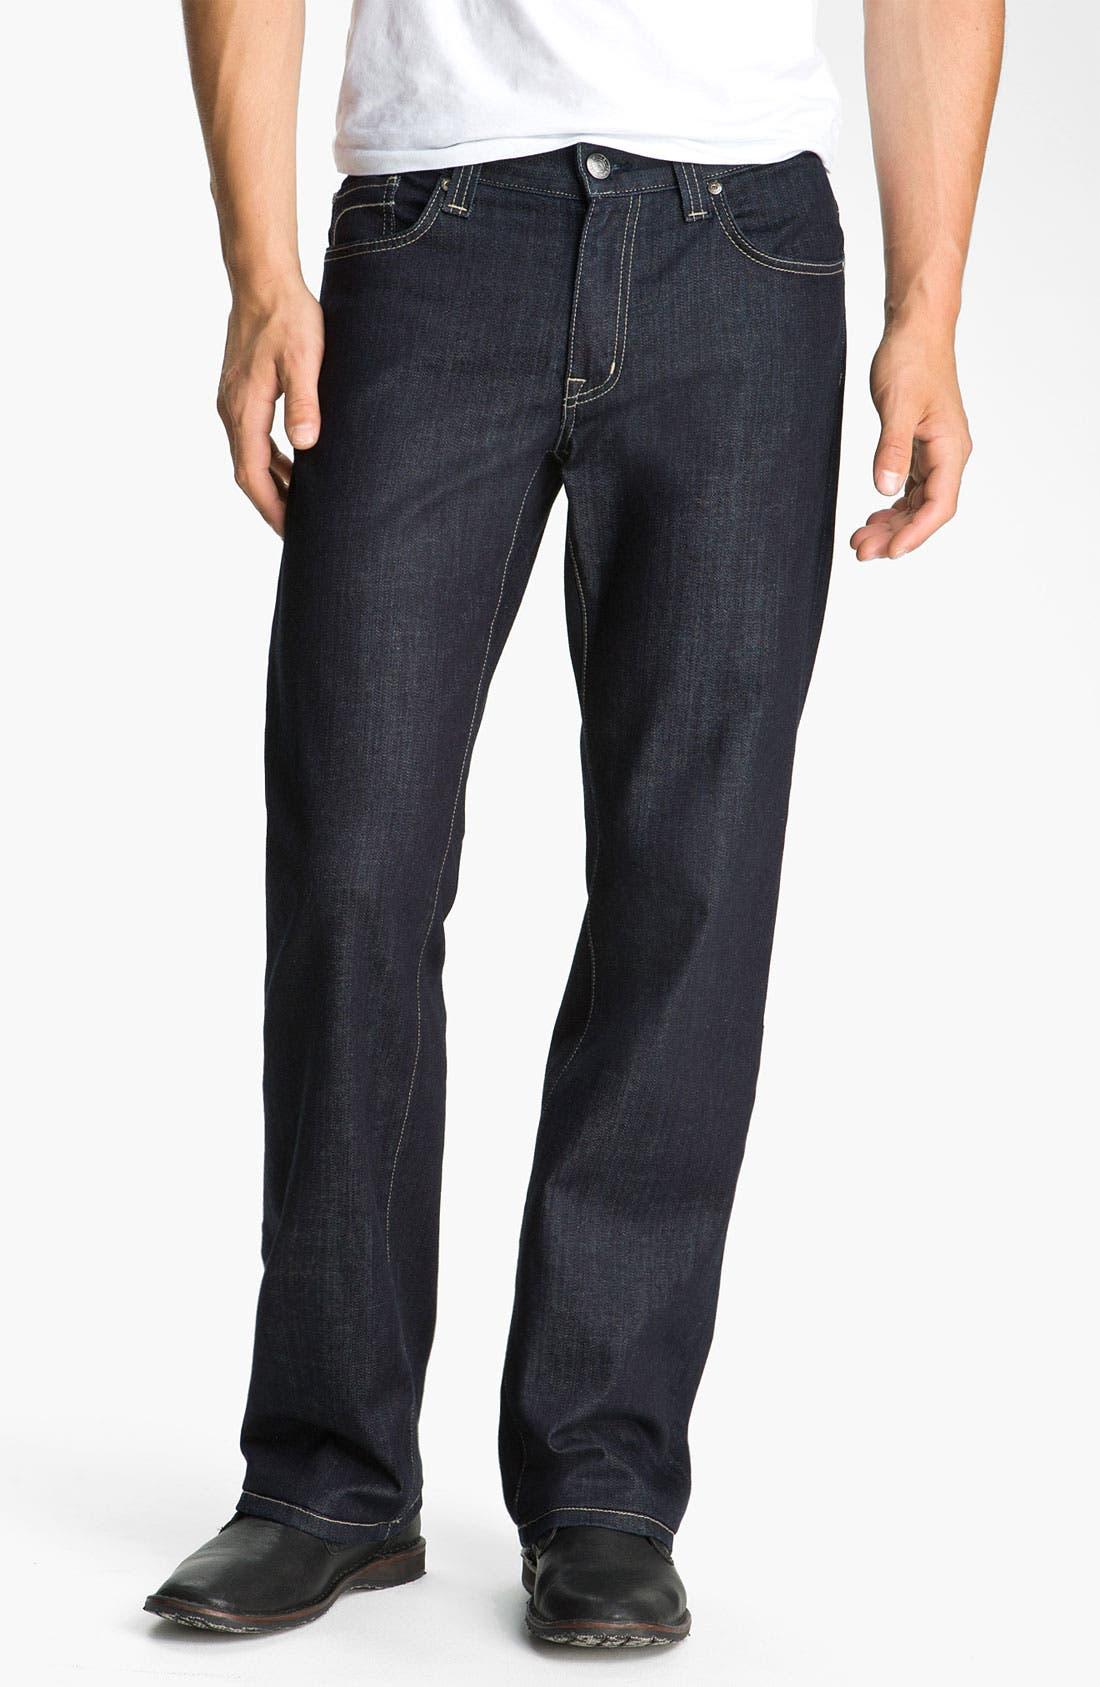 Alternate Image 1  - Fidelity Denim 'Camino' Relaxed Leg Jeans (Pacific Dark)